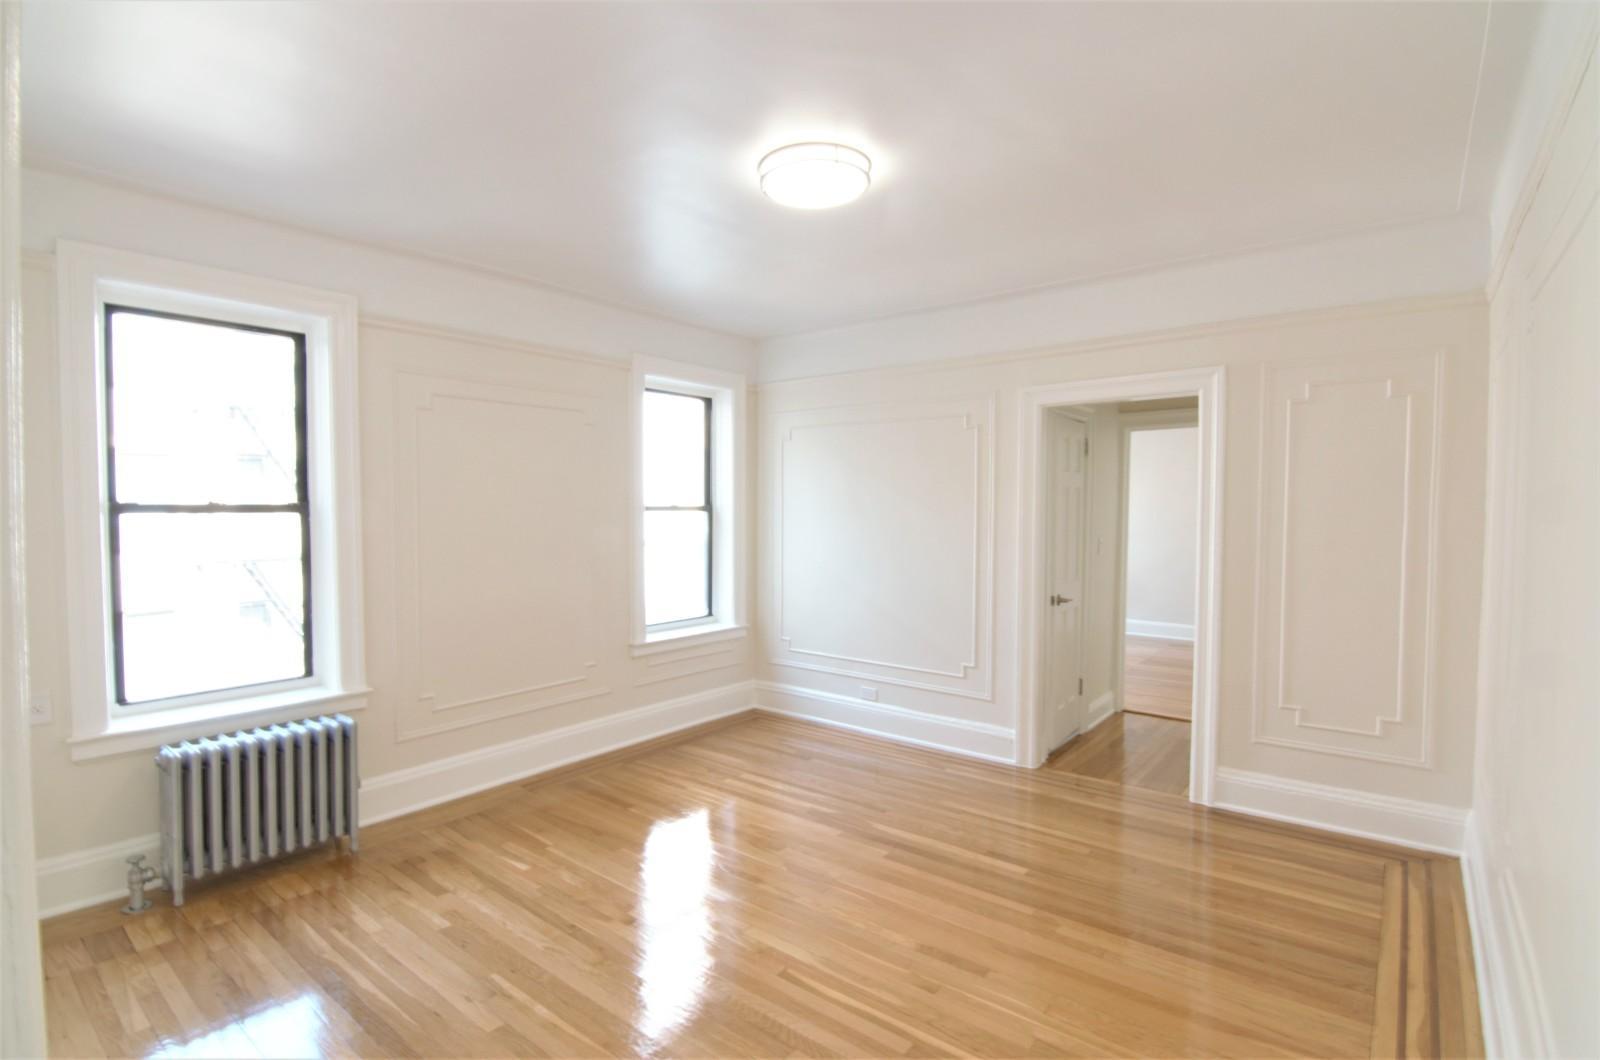 38-05 Crescent Street, Apt 3D, Queens, New York 11101